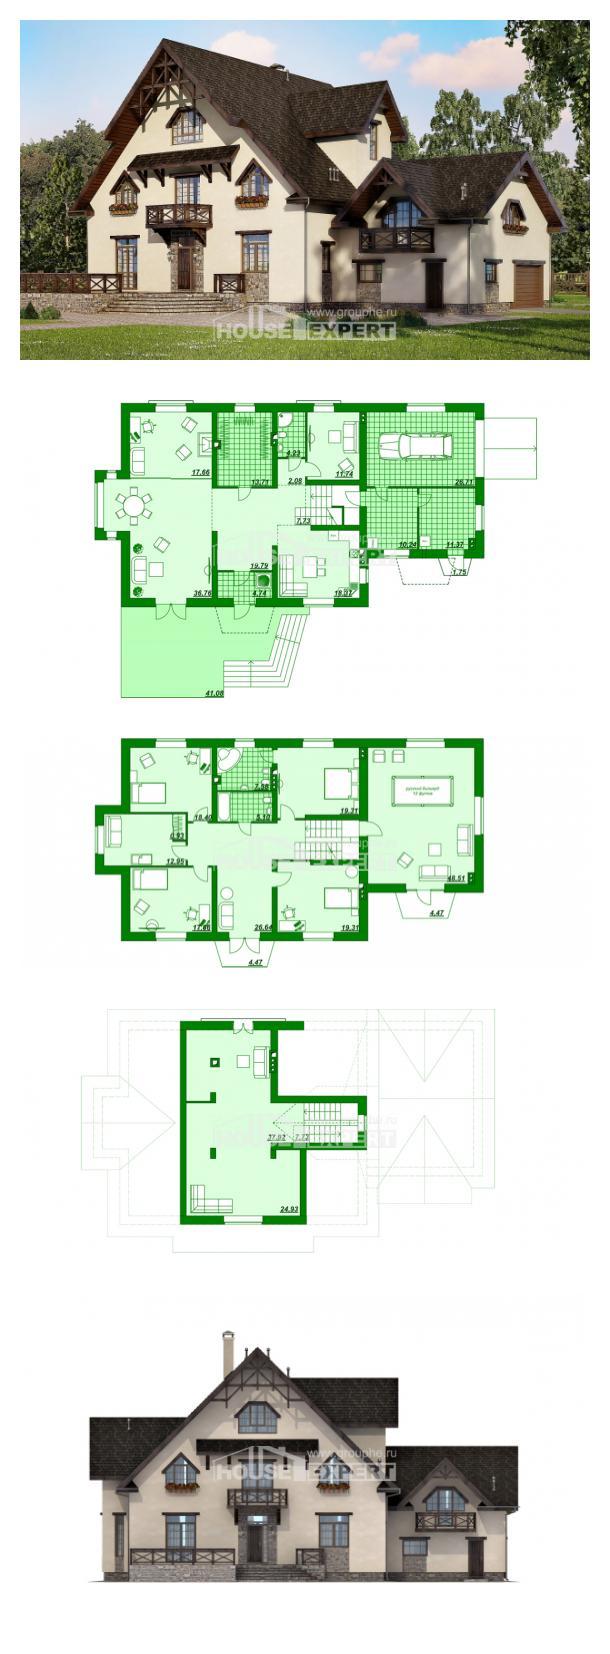 Plan 435-002-R | House Expert